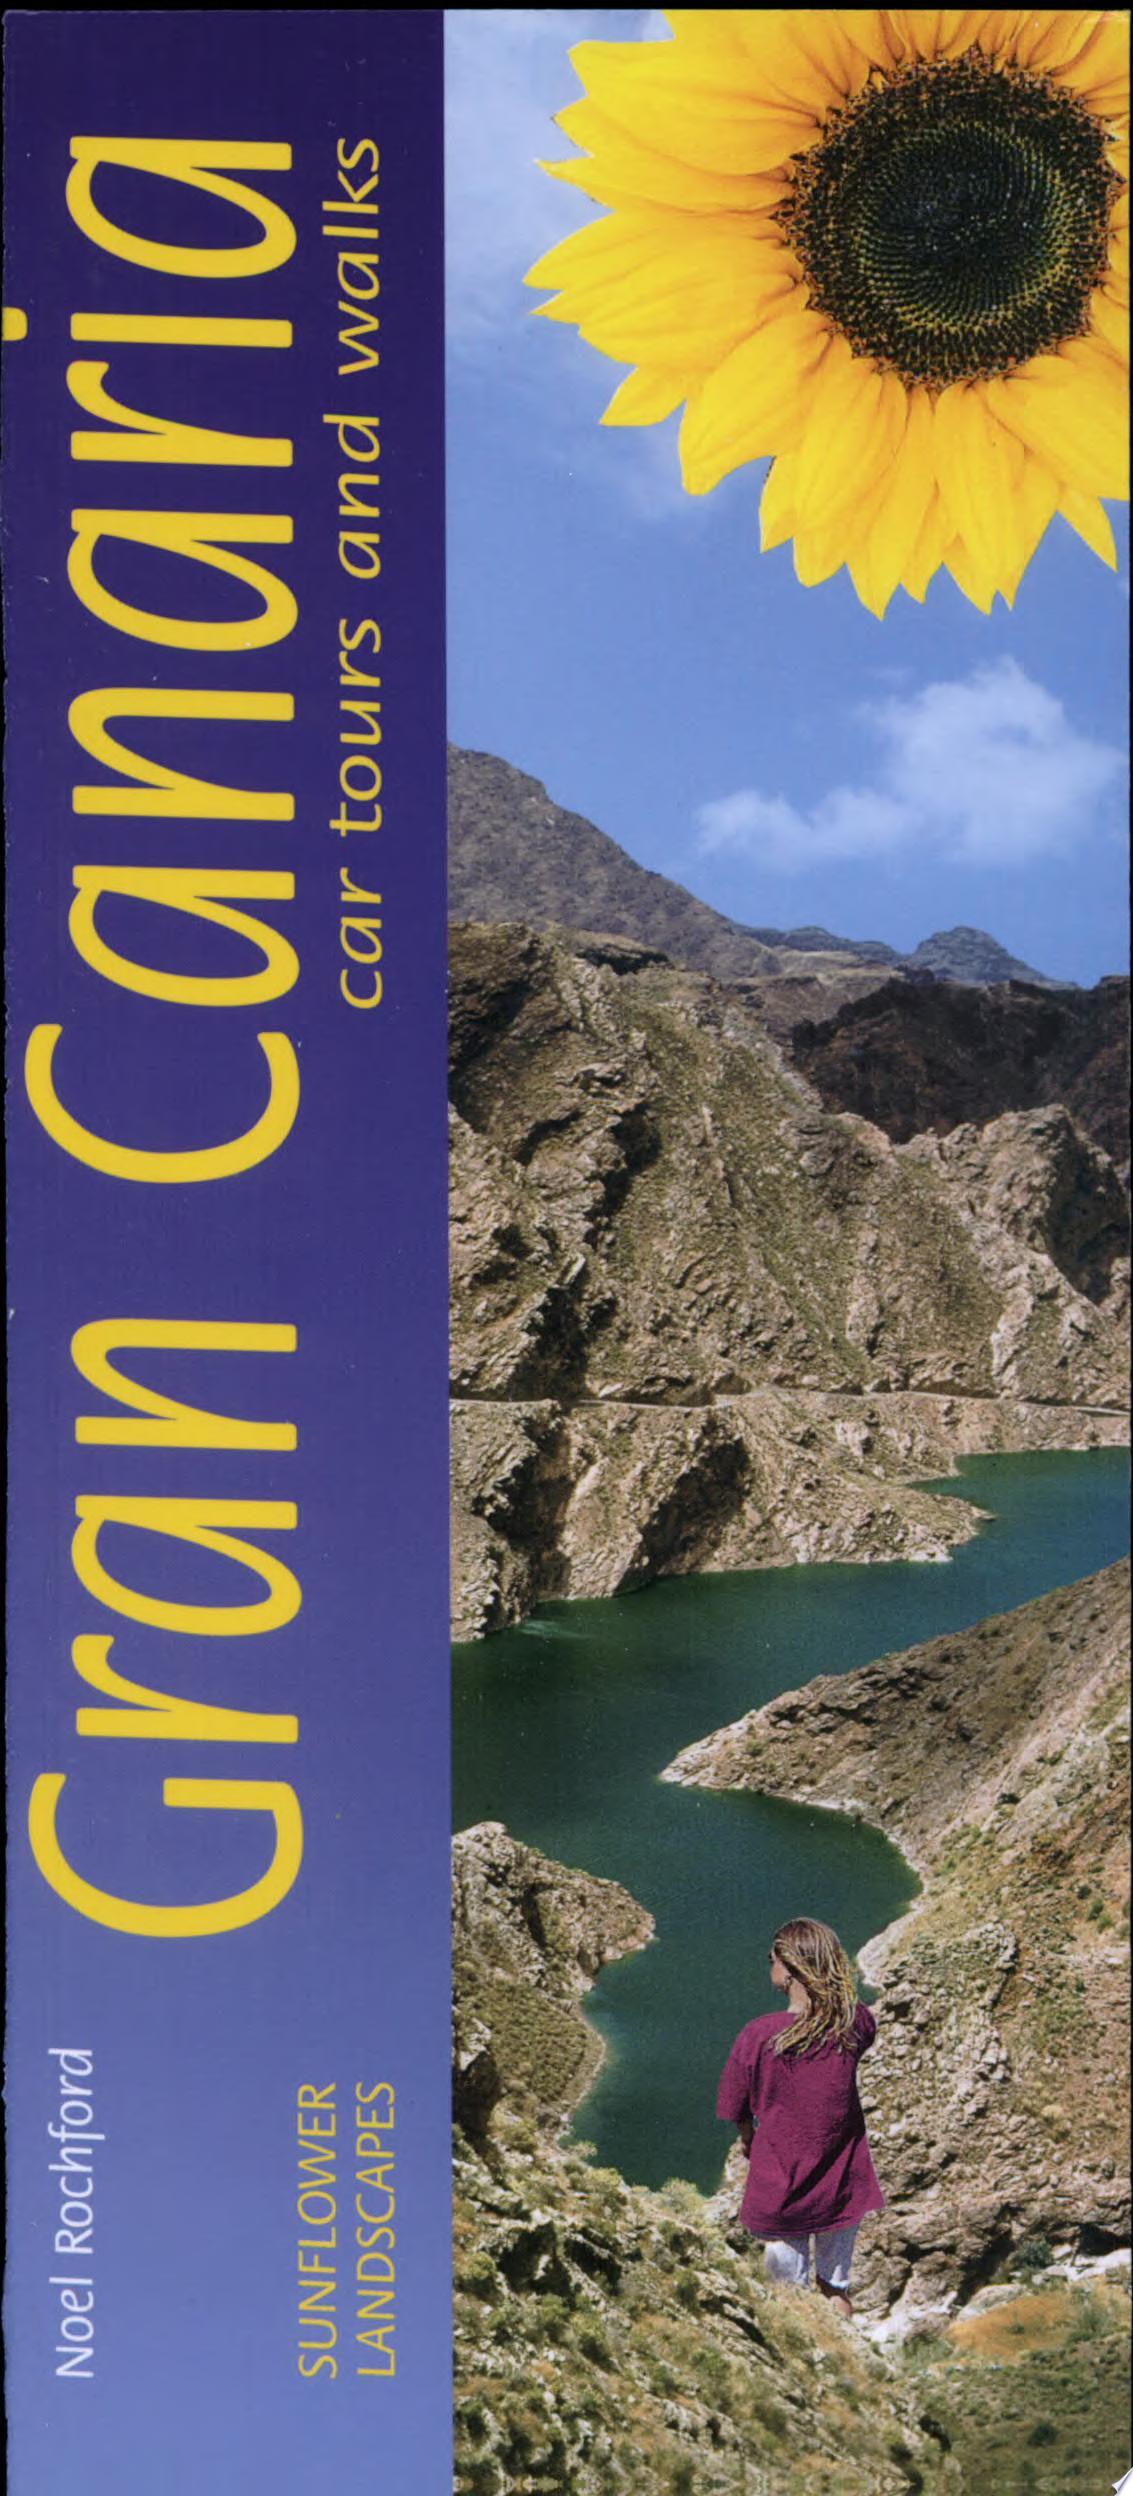 Landscapes of Gran Canaria